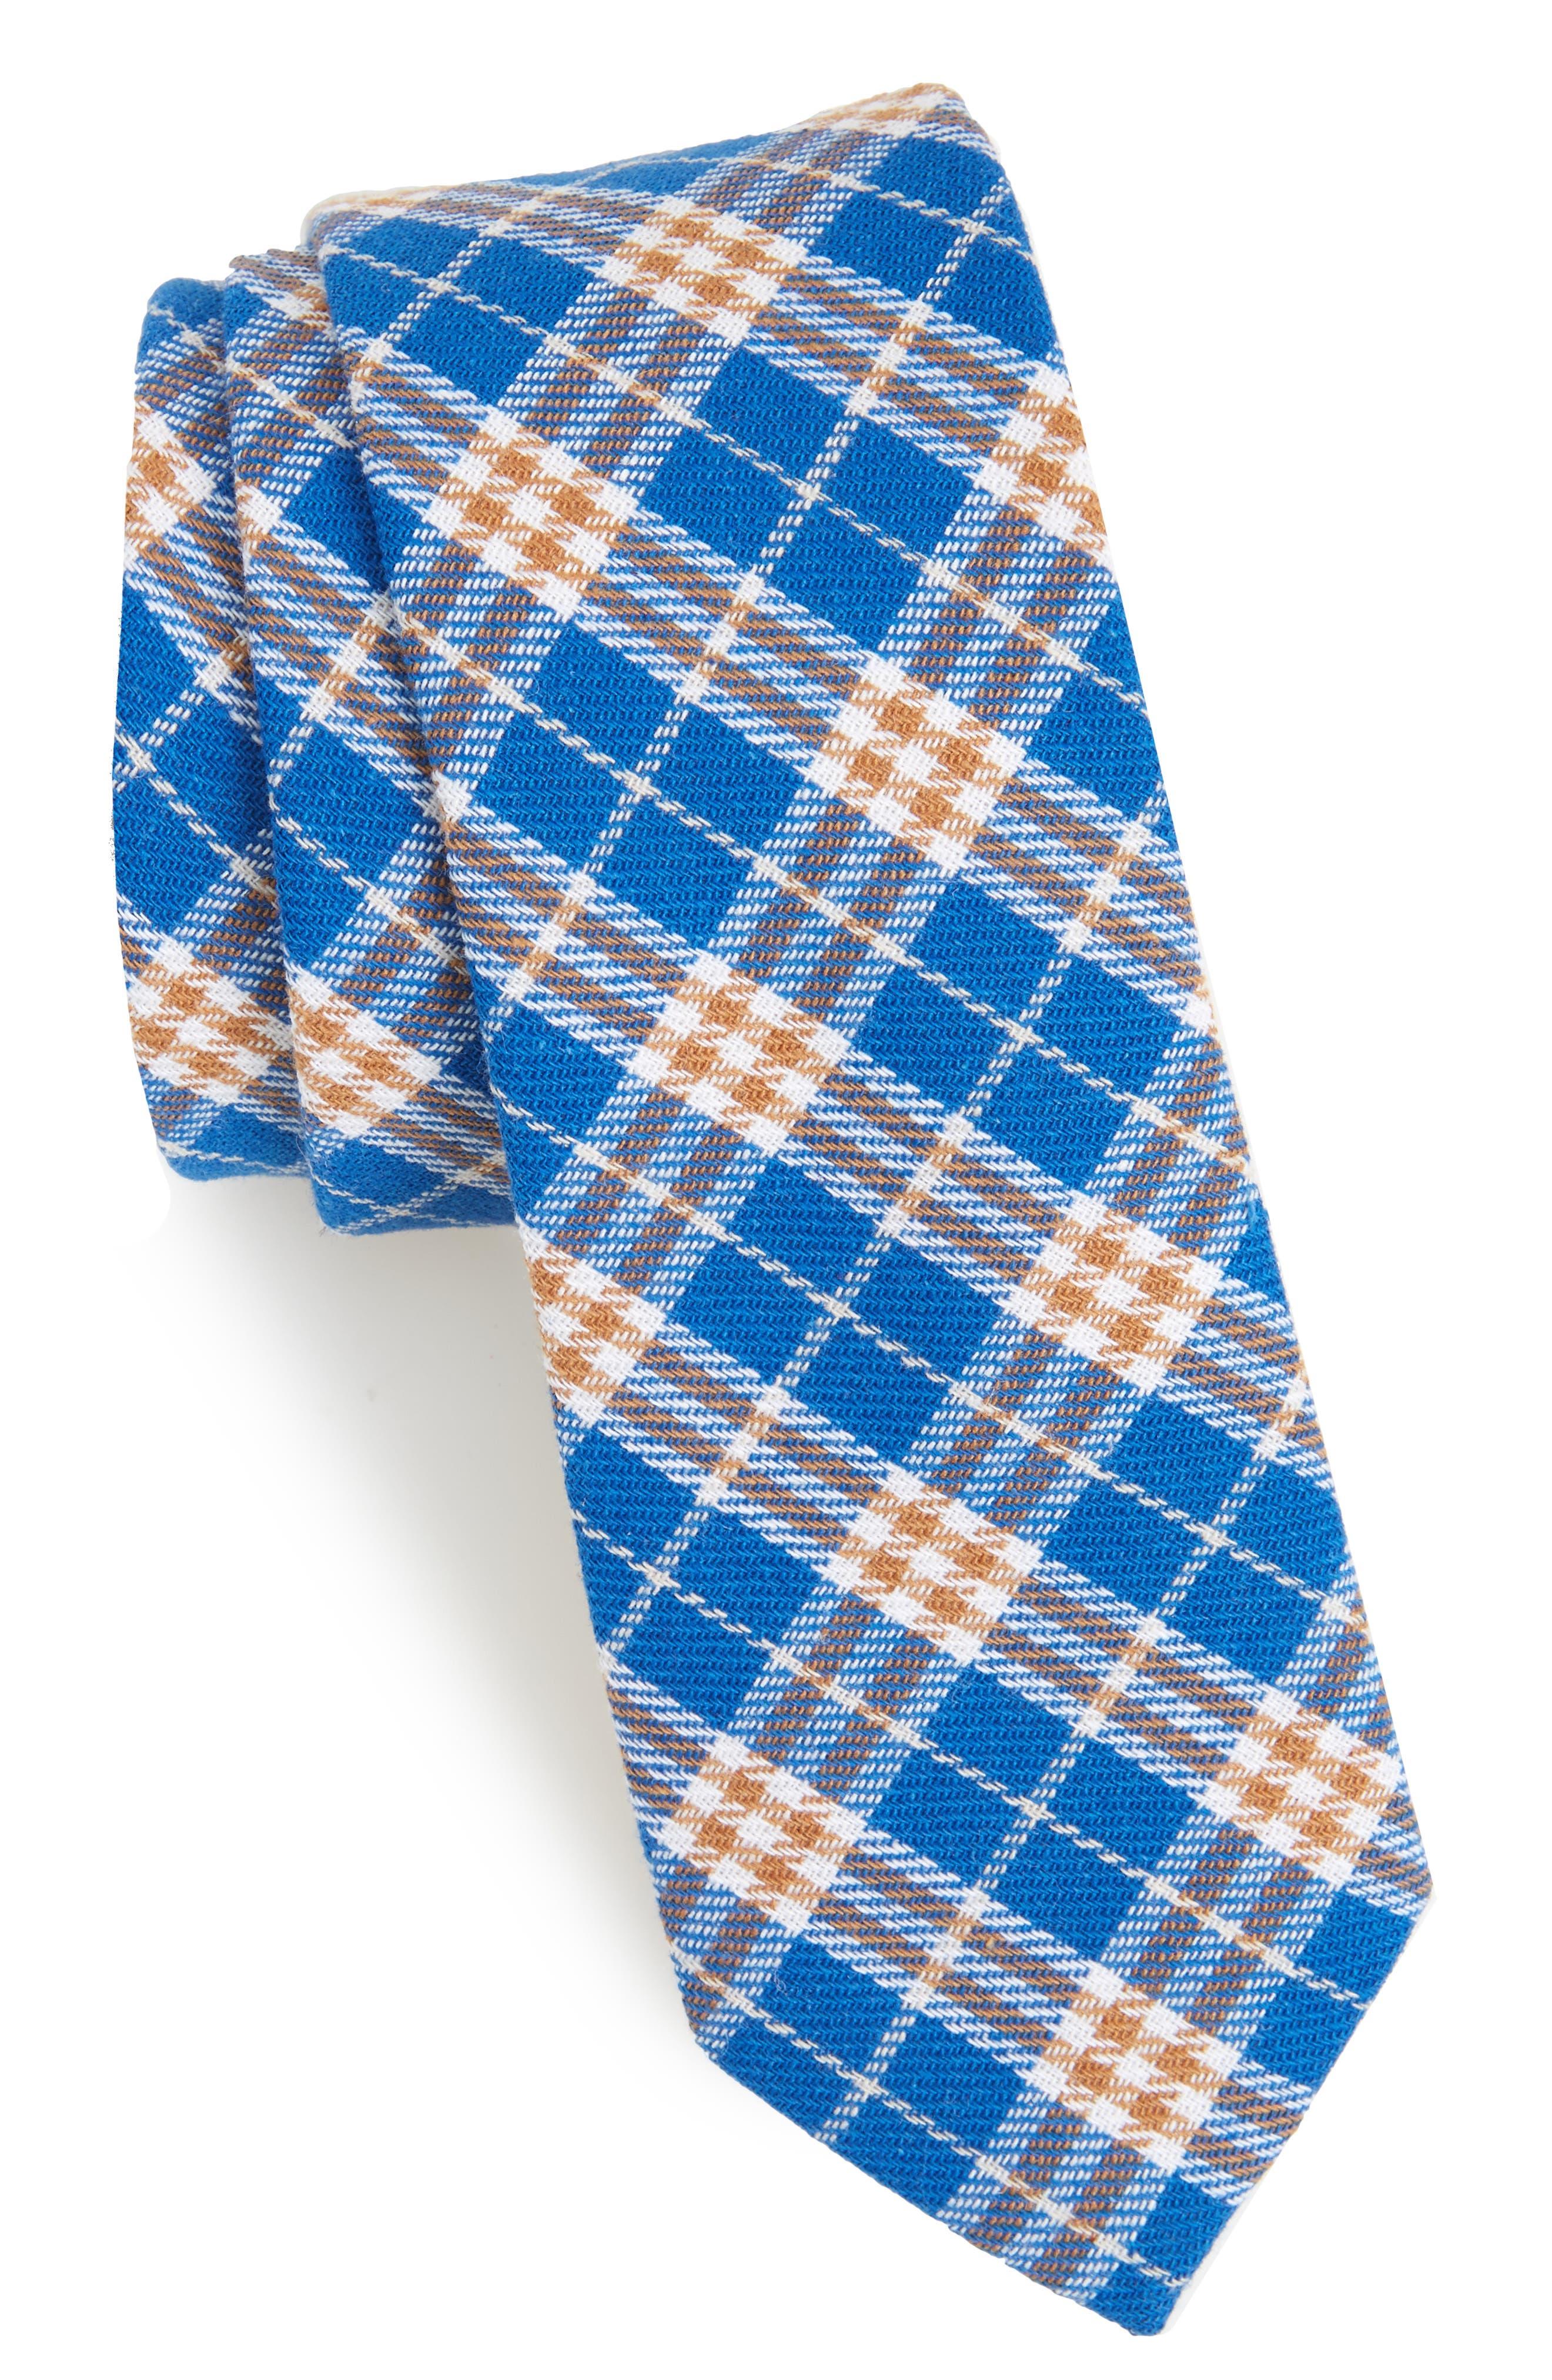 Siegel Plaid Cotton & Linen Skinny Tie,                         Main,                         color, Blue